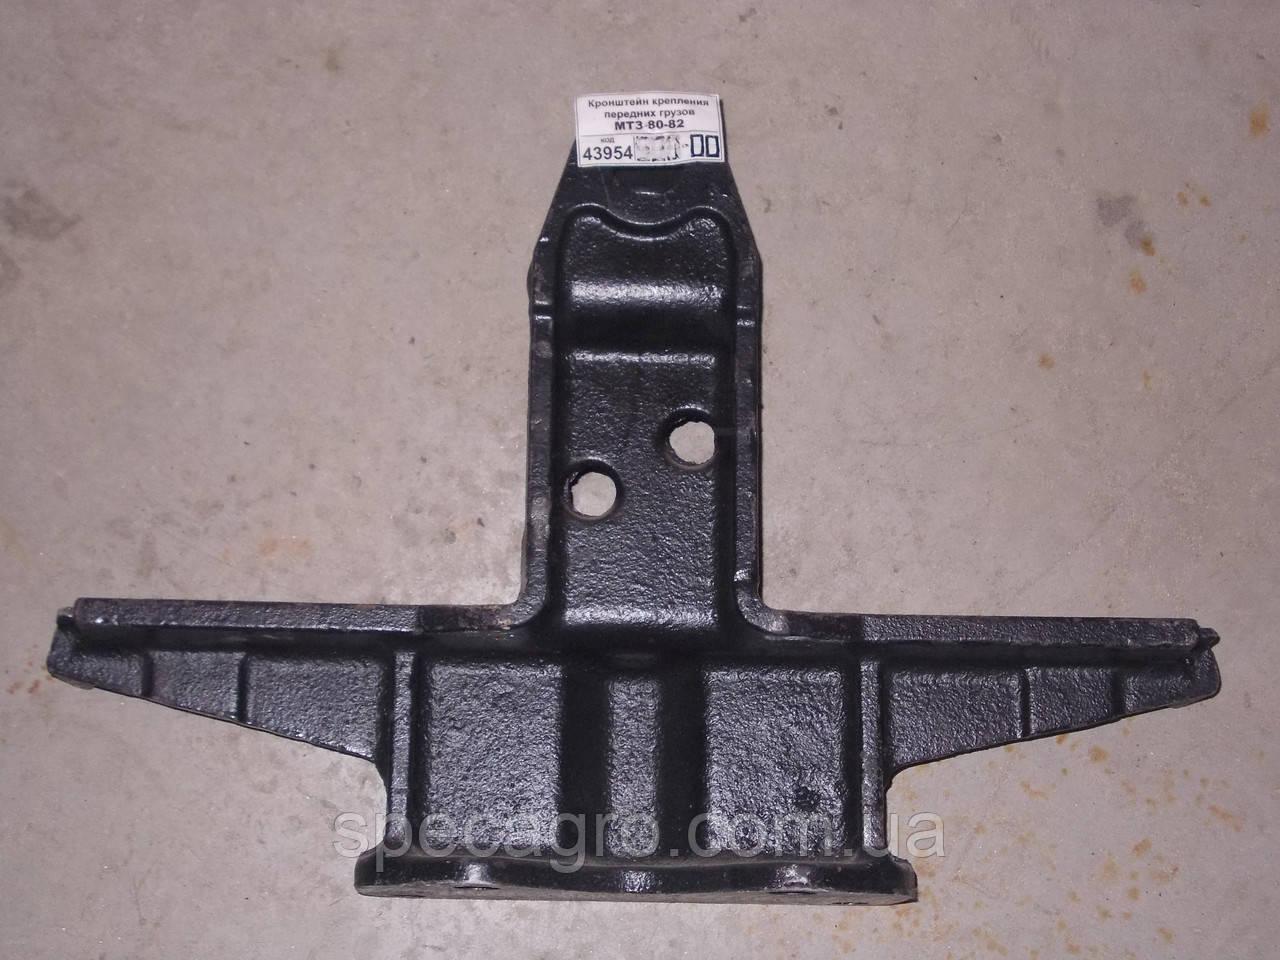 Кронштейн грузов передних МТЗ-80,МТЗ-82,МТЗ-892 (70-4235020)